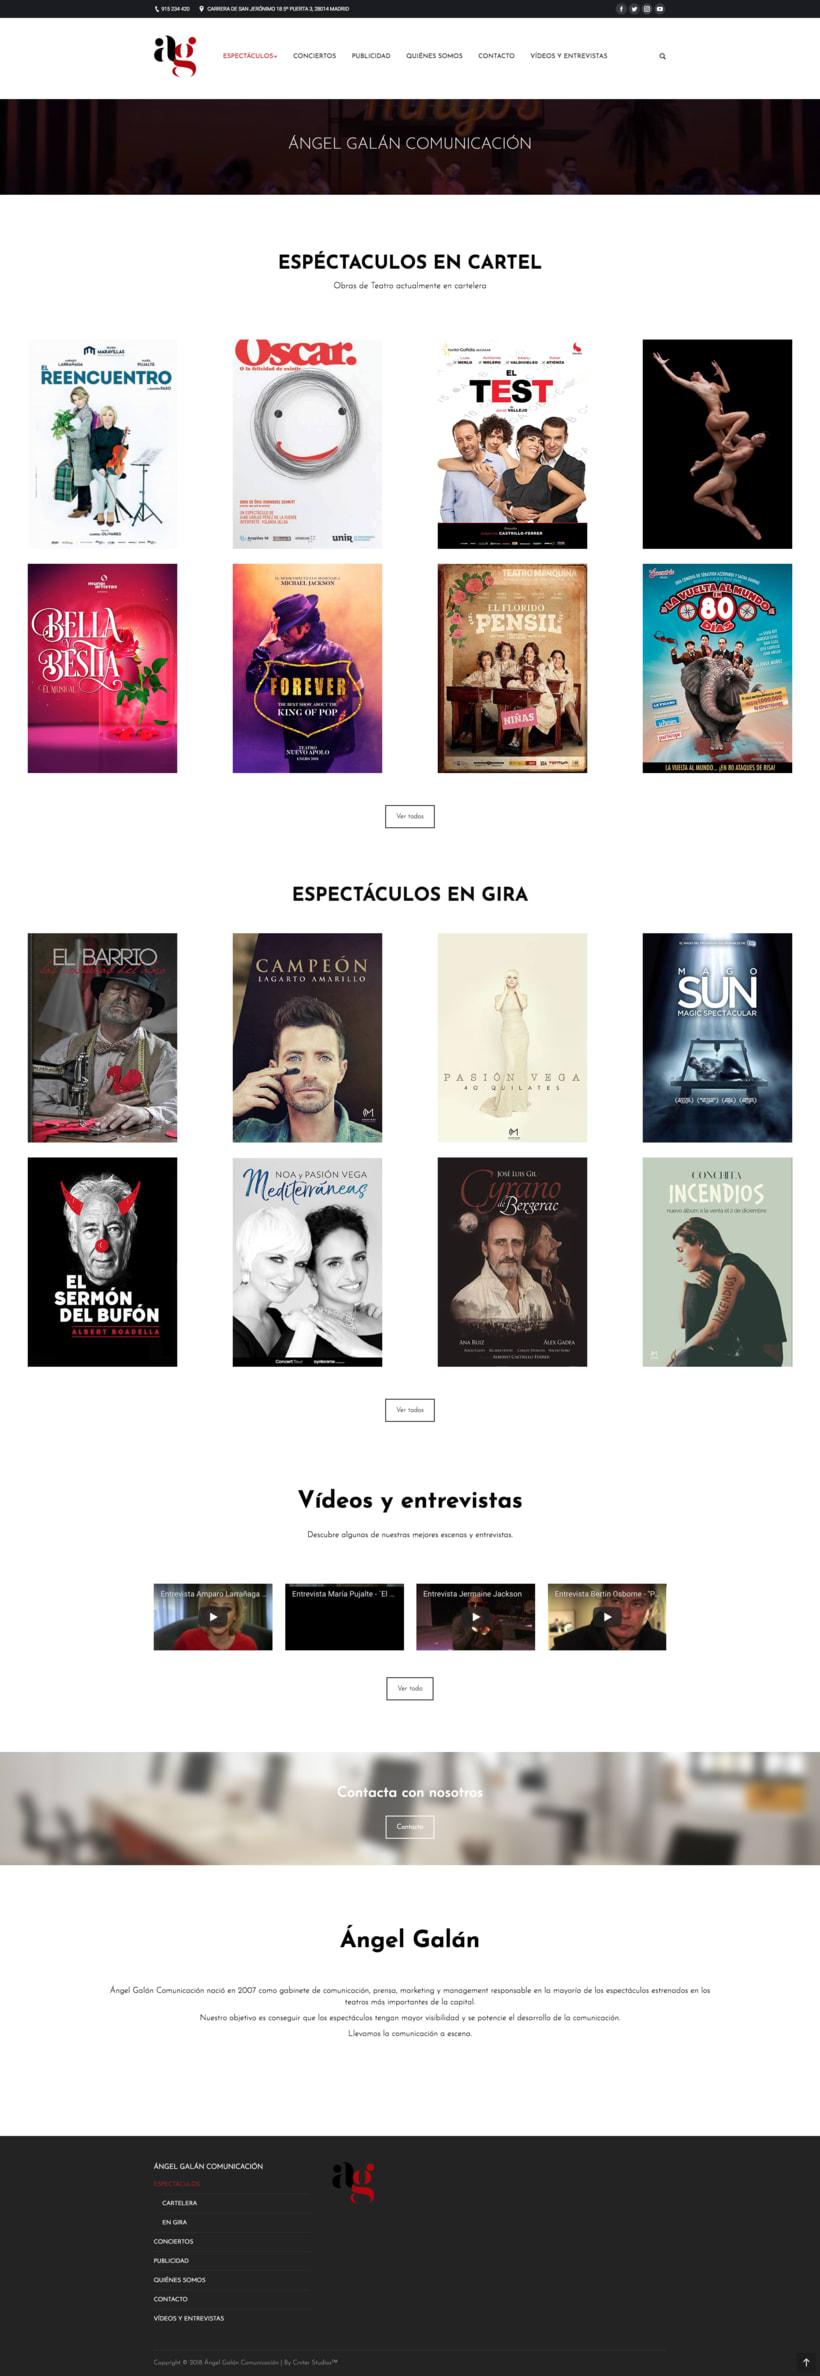 Web - Ángel Galán Comunicación 3